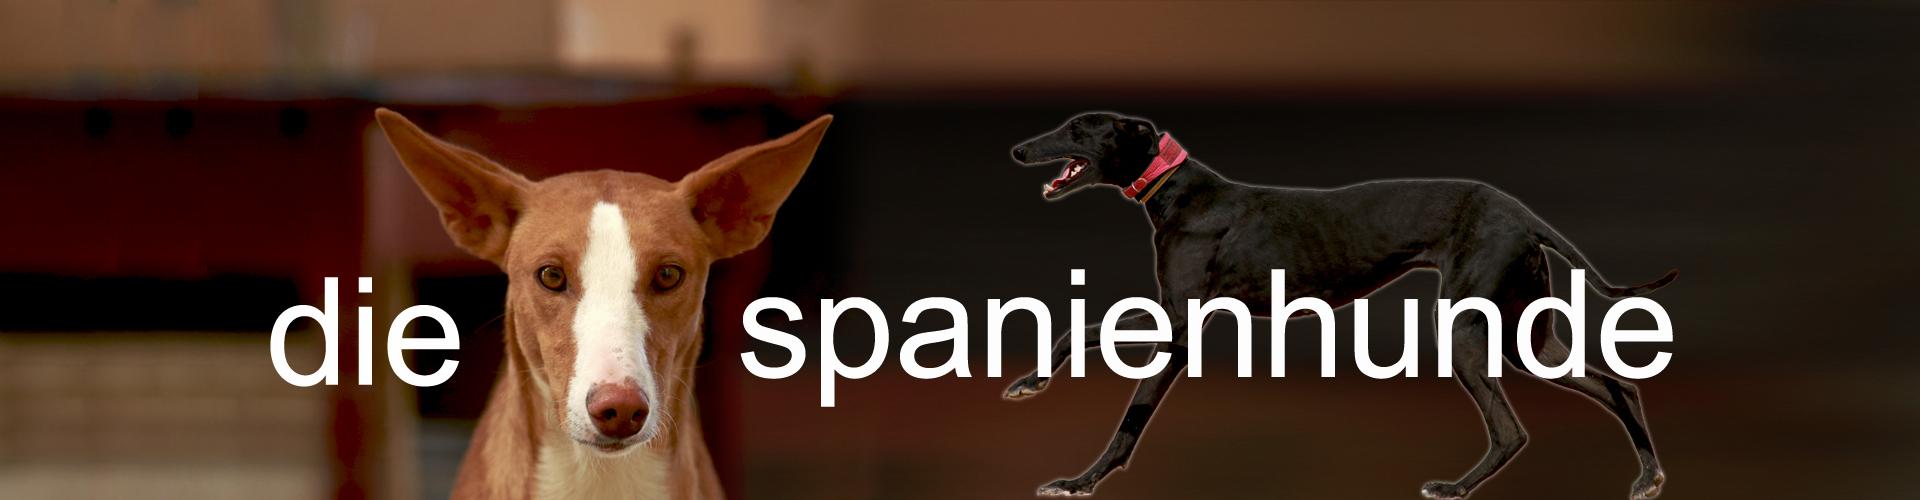 die spanienhunde